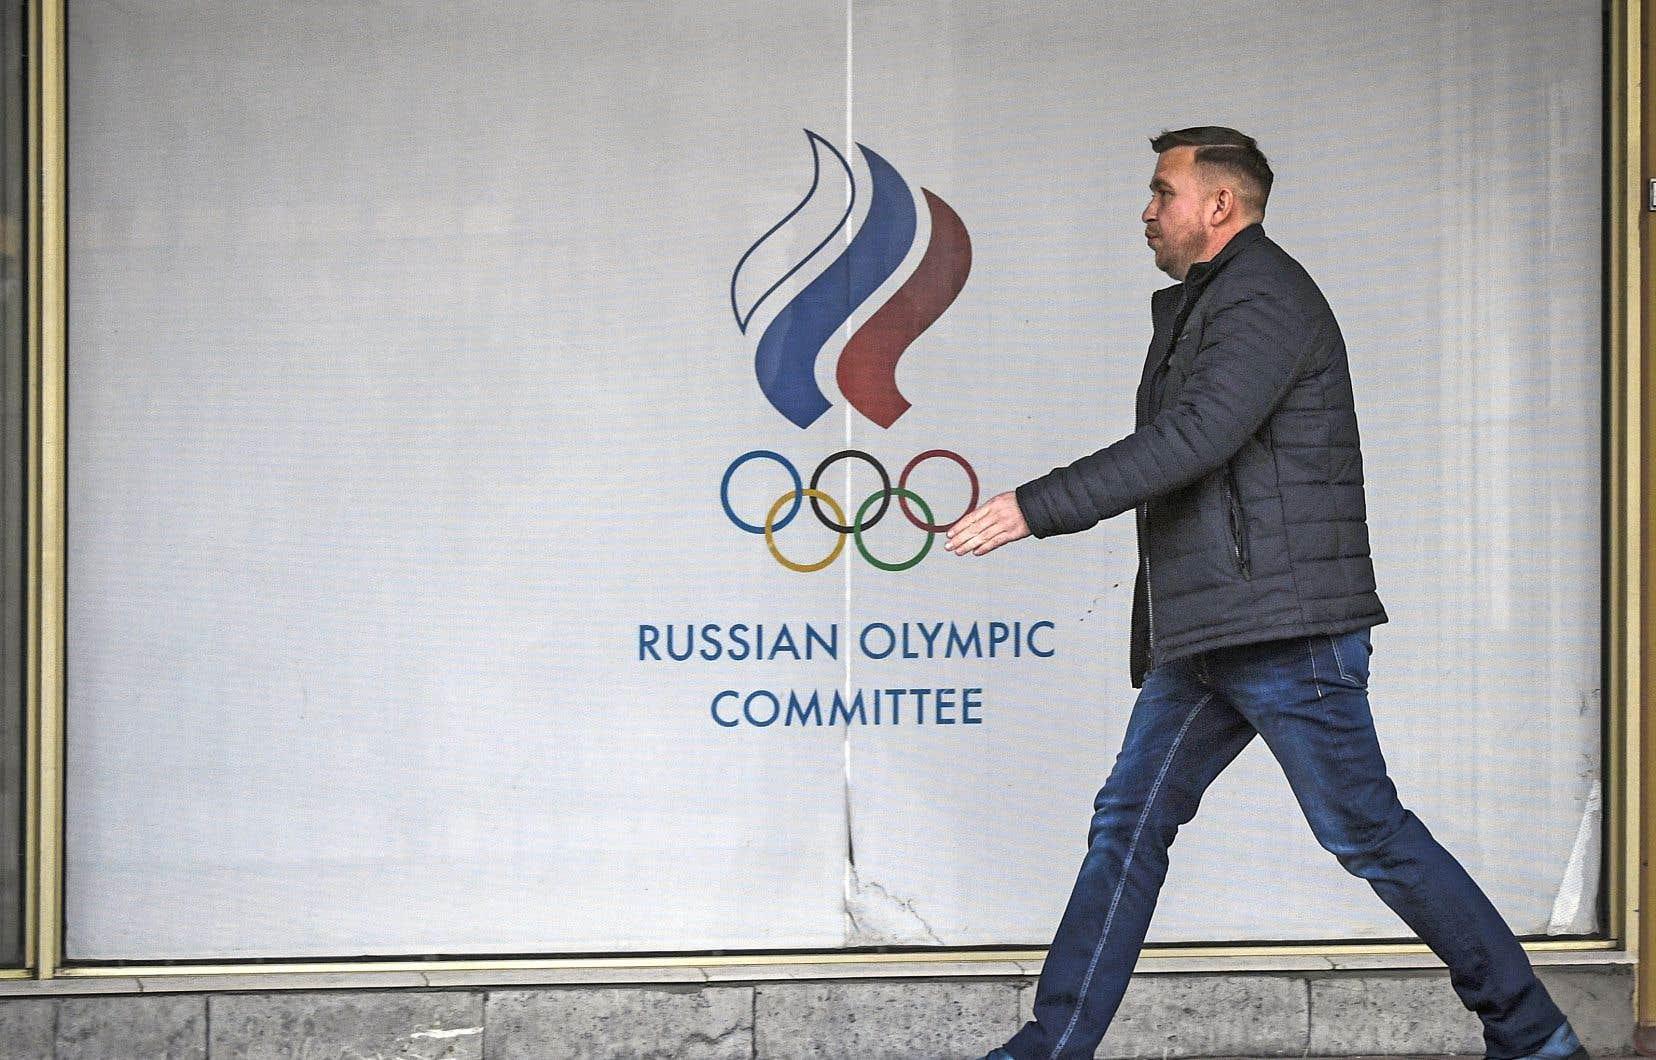 La plupart des membres du comité, y compris le Comité olympique russe et le Comité paralympique russe, ont fait savoir qu'ils comptaient déposer une requête en appel.